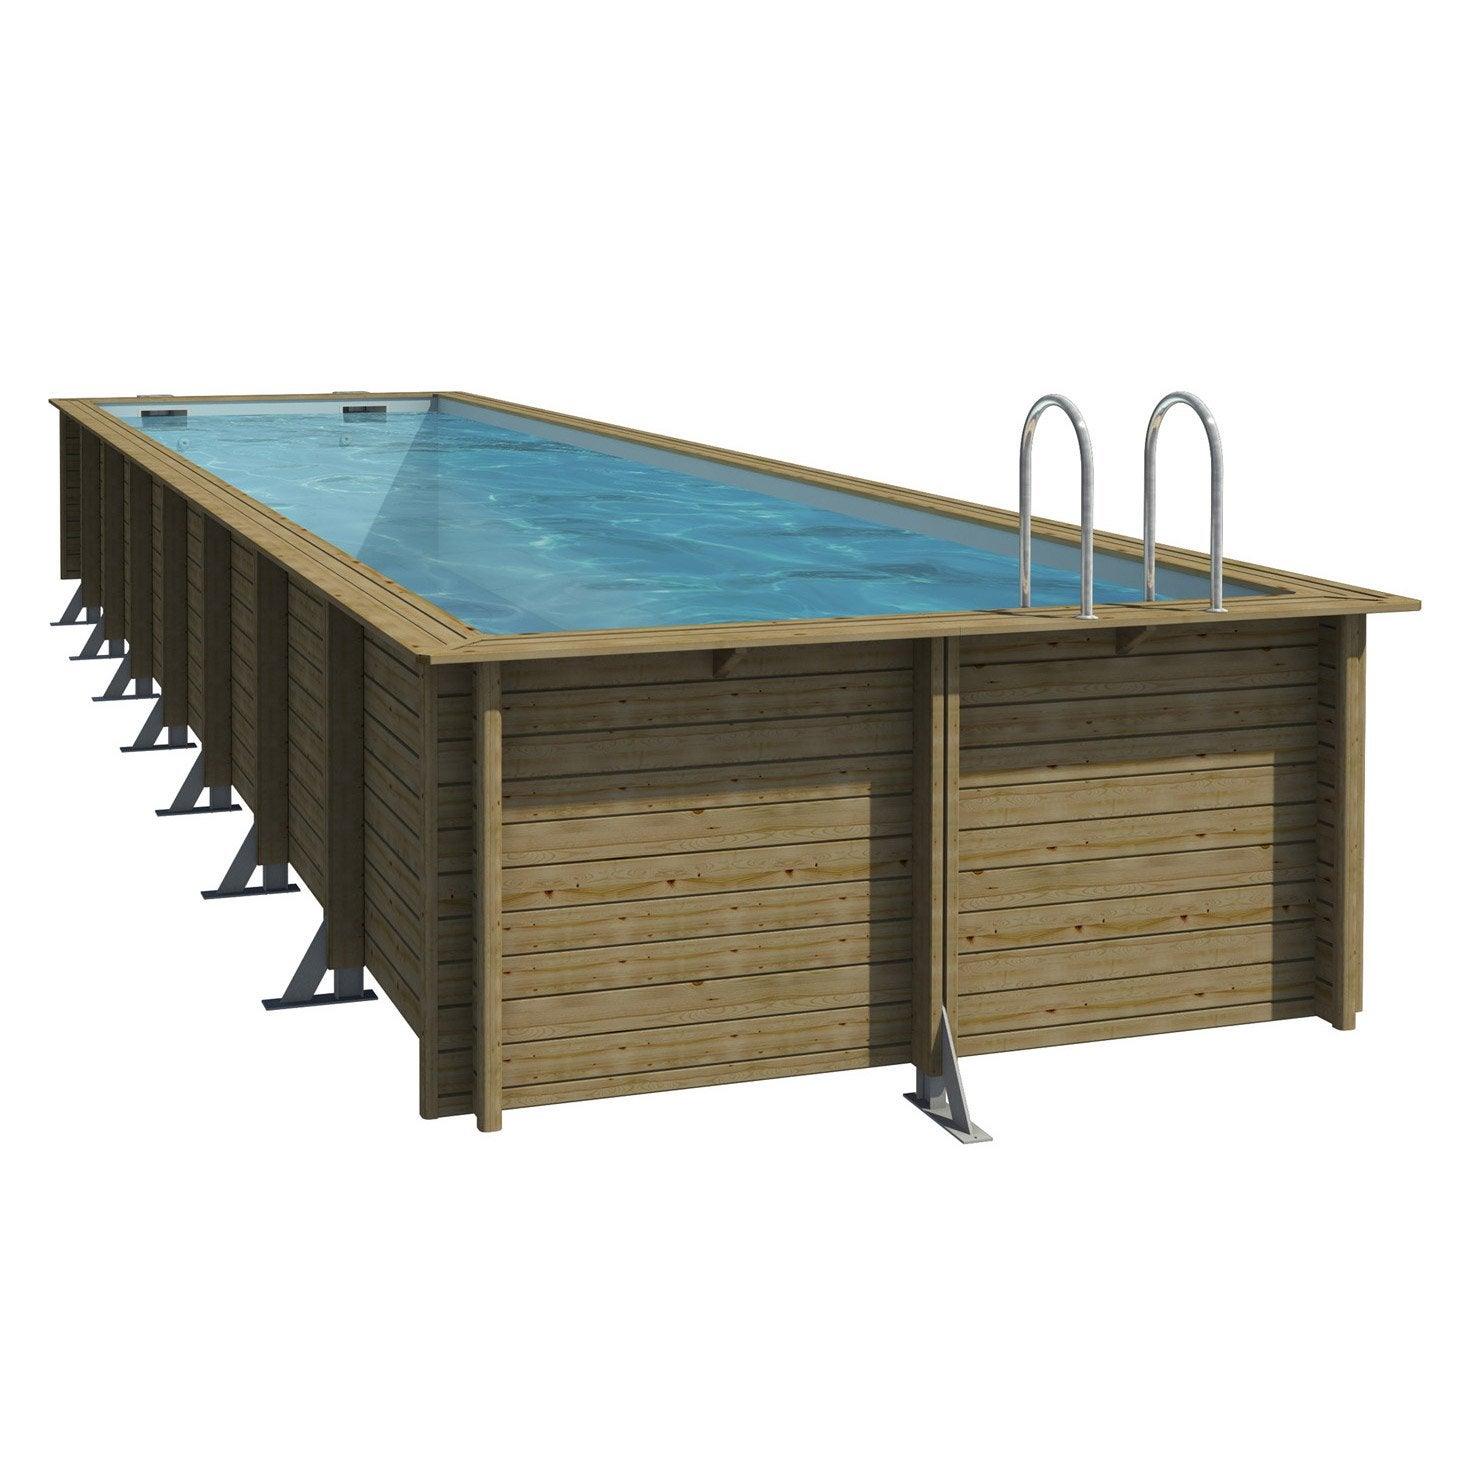 Piscine hors sol bois weva procopi rectangulaire 3 5x9 5x1 for Pompe piscine hors sol leroy merlin